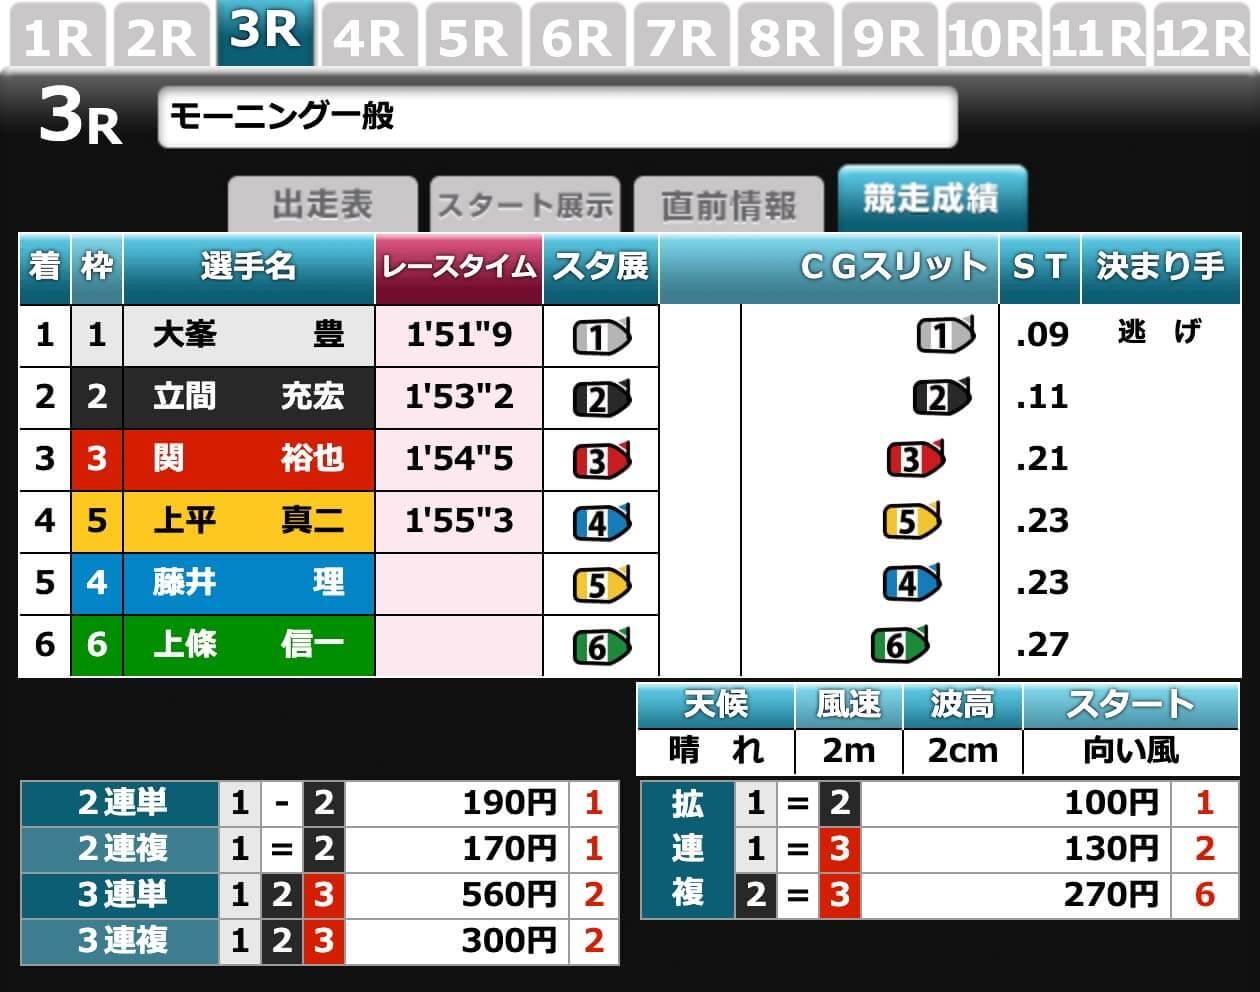 2020年8月17日に開催された徳山競艇場の3レース結果